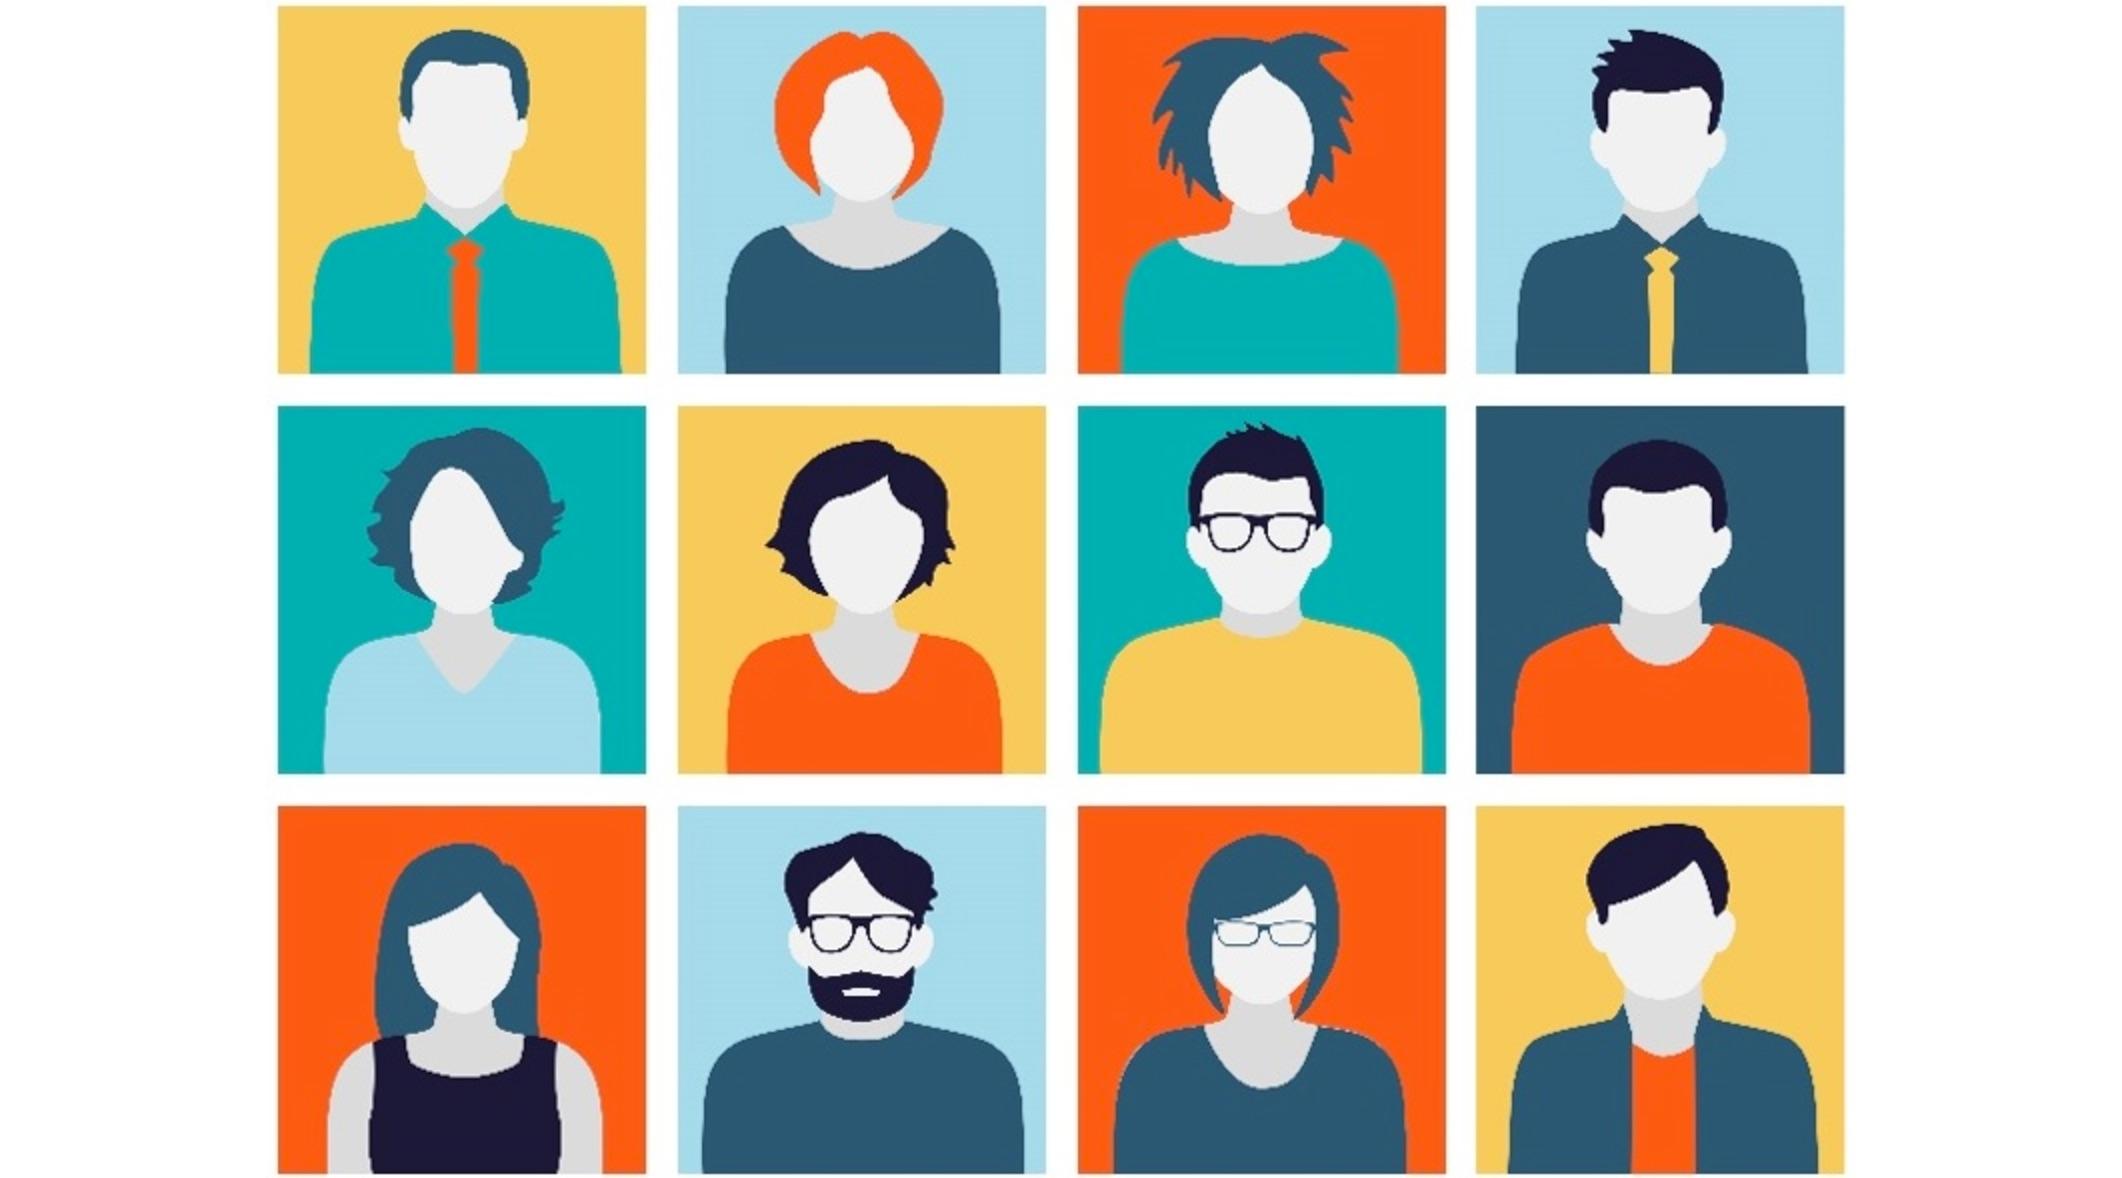 user-journey-buyer-personas.jpg